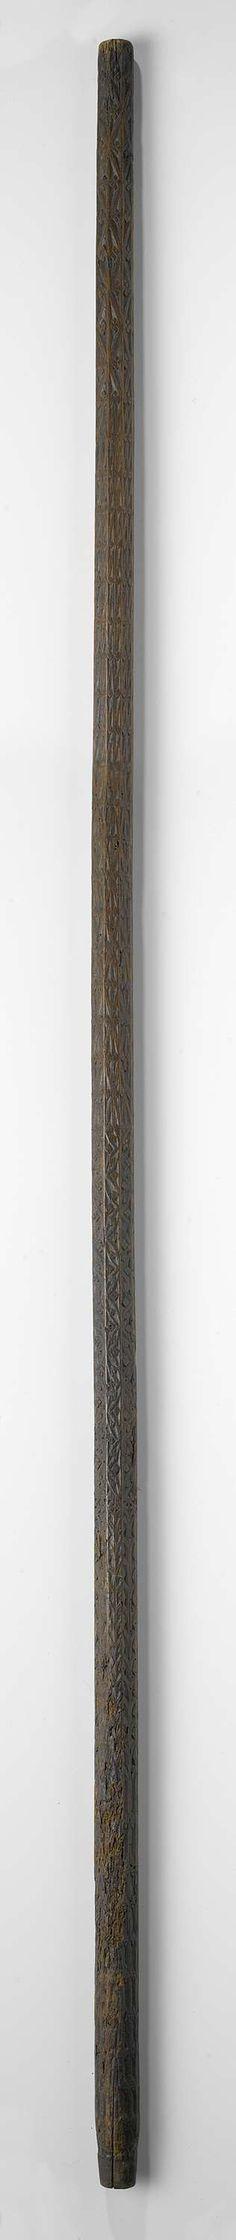 Anonymous | Pelgrimsstok van hout, gedecoreerd met in reliëf gesneden ornamenten, Anonymous, c. 1500 - c. 1600 | Pelgrimsstok van hout, gedecoreerd met in reliëf gesneden ornamenten, waaronder aaneengesloten ruitvormen met middenin een bloem.